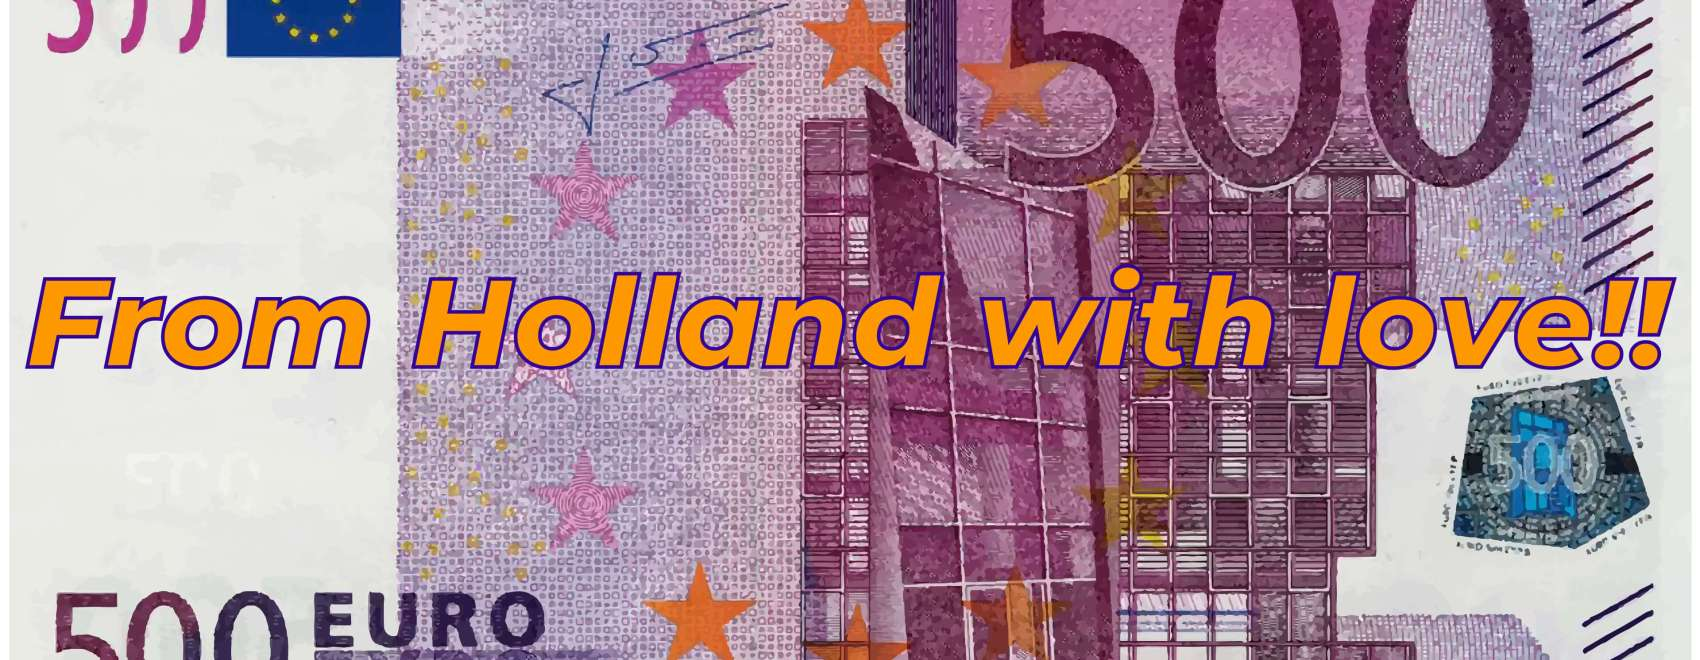 """Foto van een bankbiljet van 500 euro met erop de tekst """"From Holland with love!!"""""""